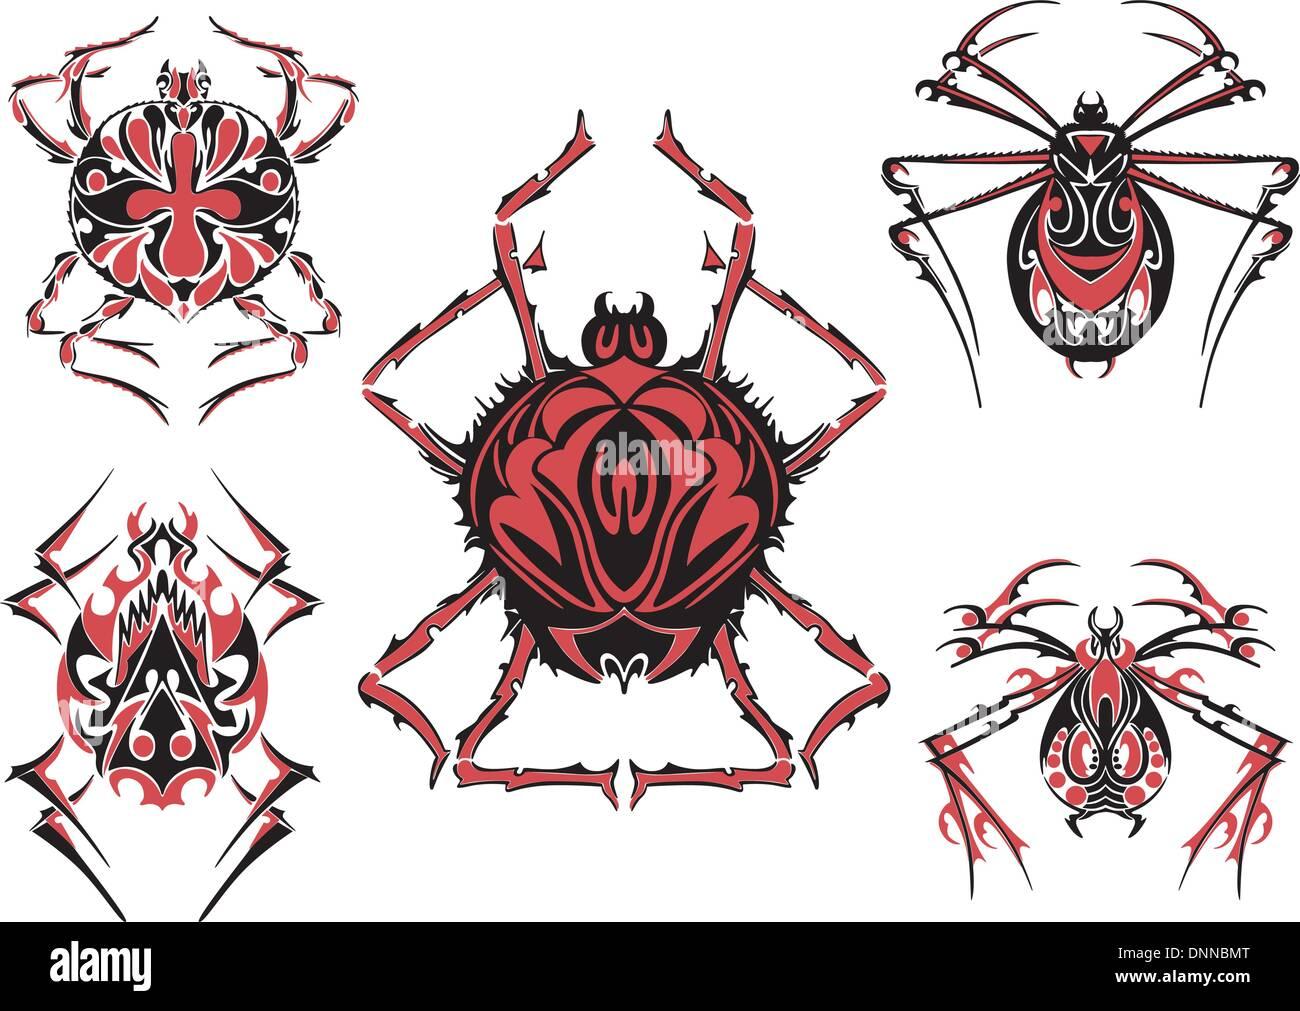 Nero e rosso ragno simmetrica di tatuaggi. Illustrazione vettoriale EPS8 Immagini Stock